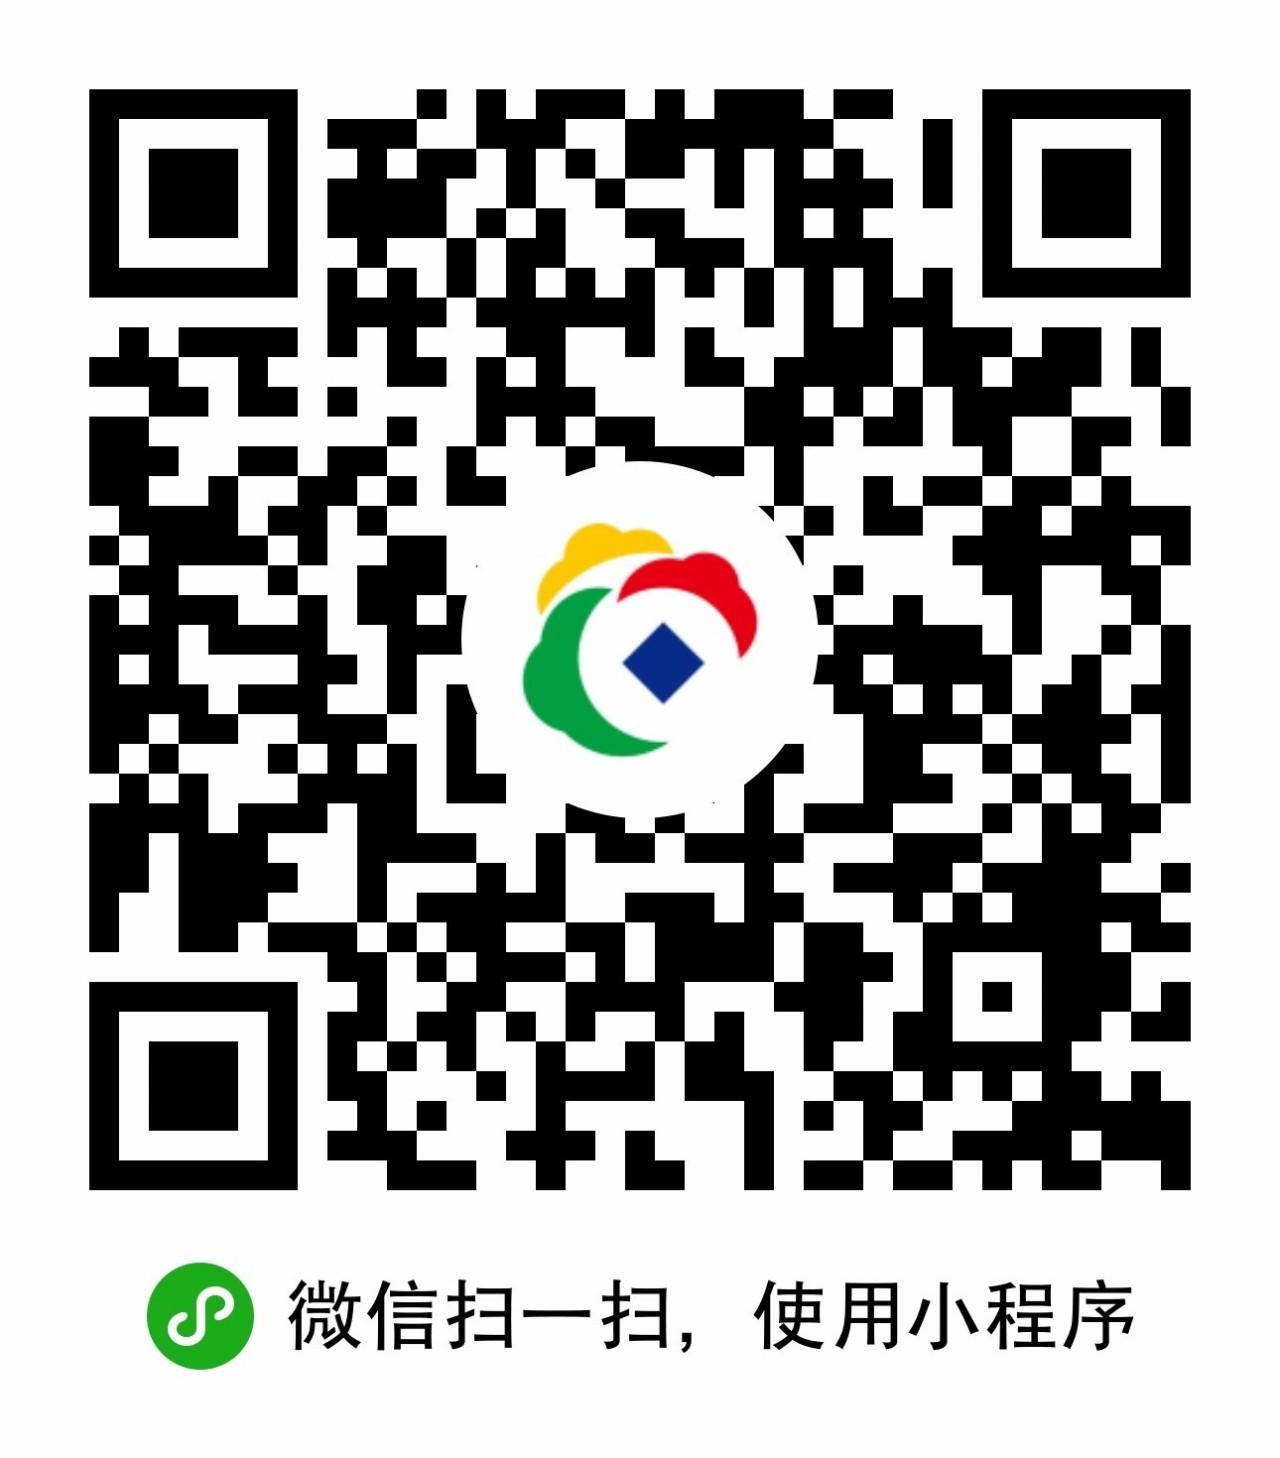 重庆银行+二维码